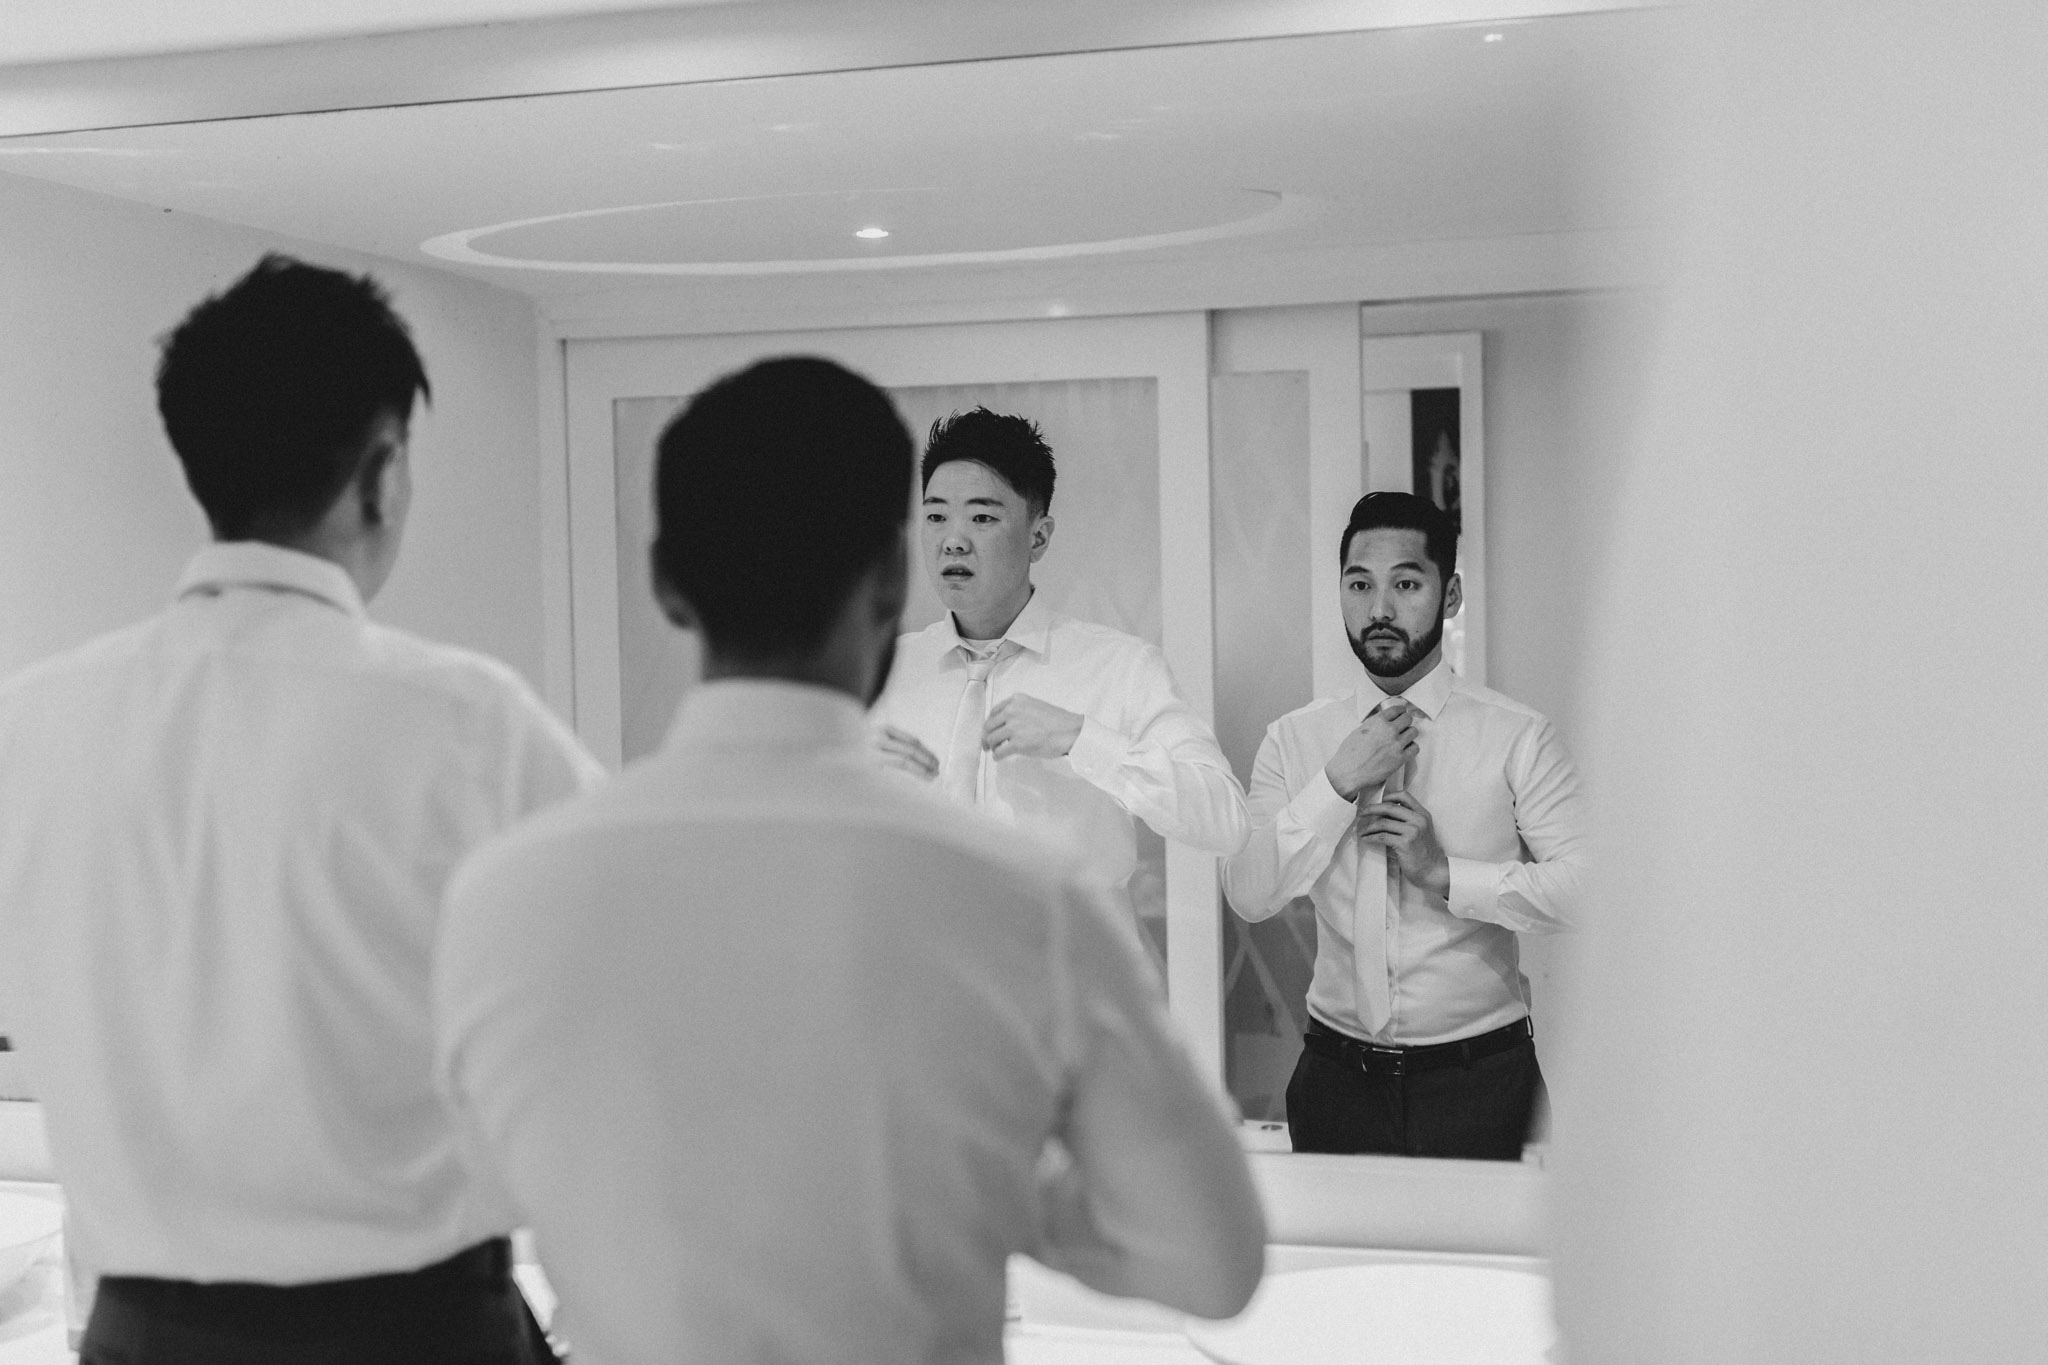 Cancun Mexico Wedding - groomsmen getting ready